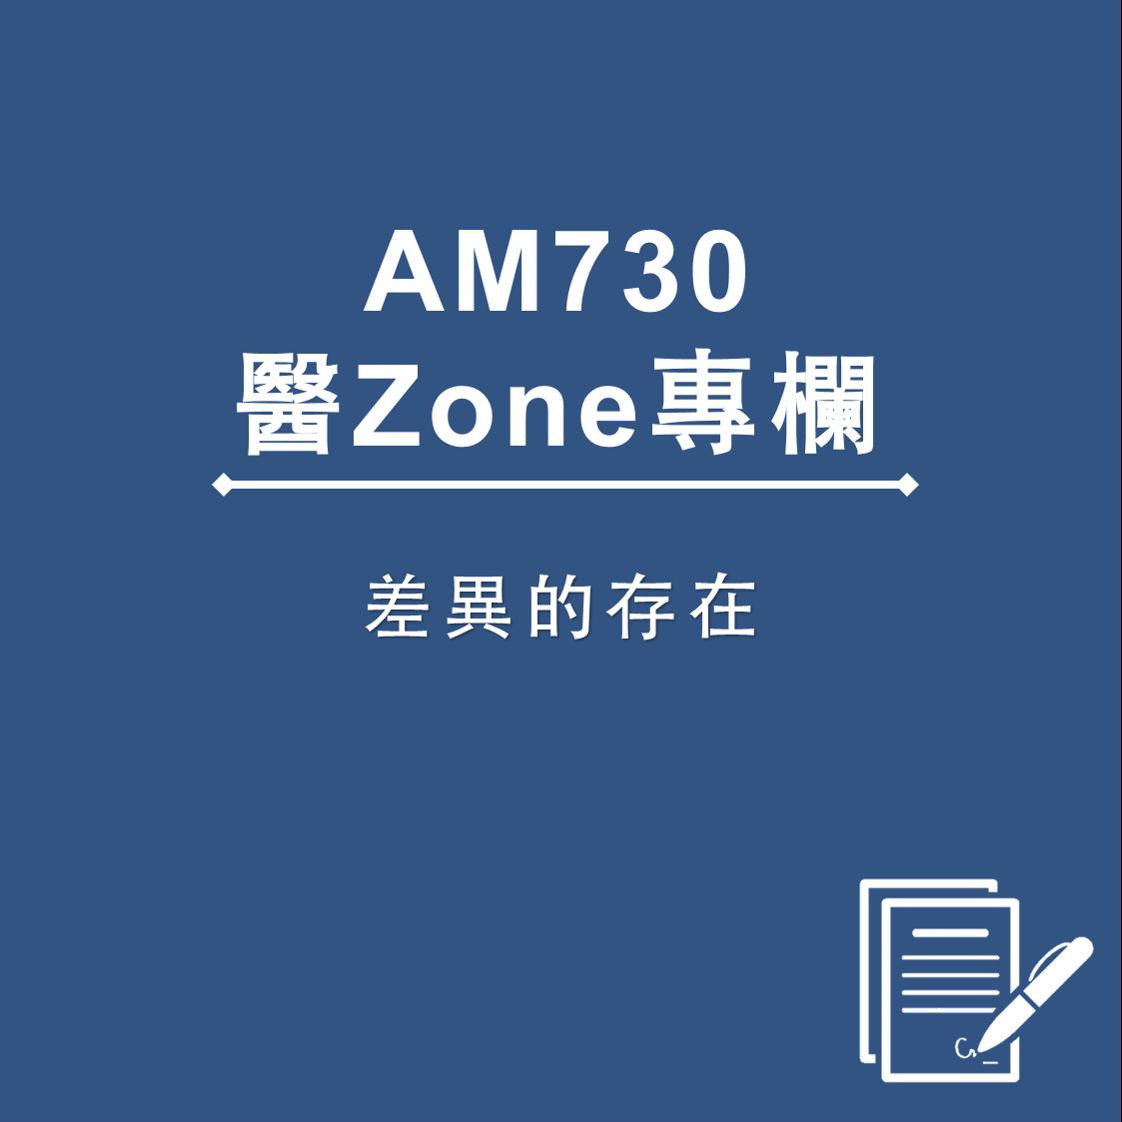 AM730 醫Zone 專欄 - 差異的存在